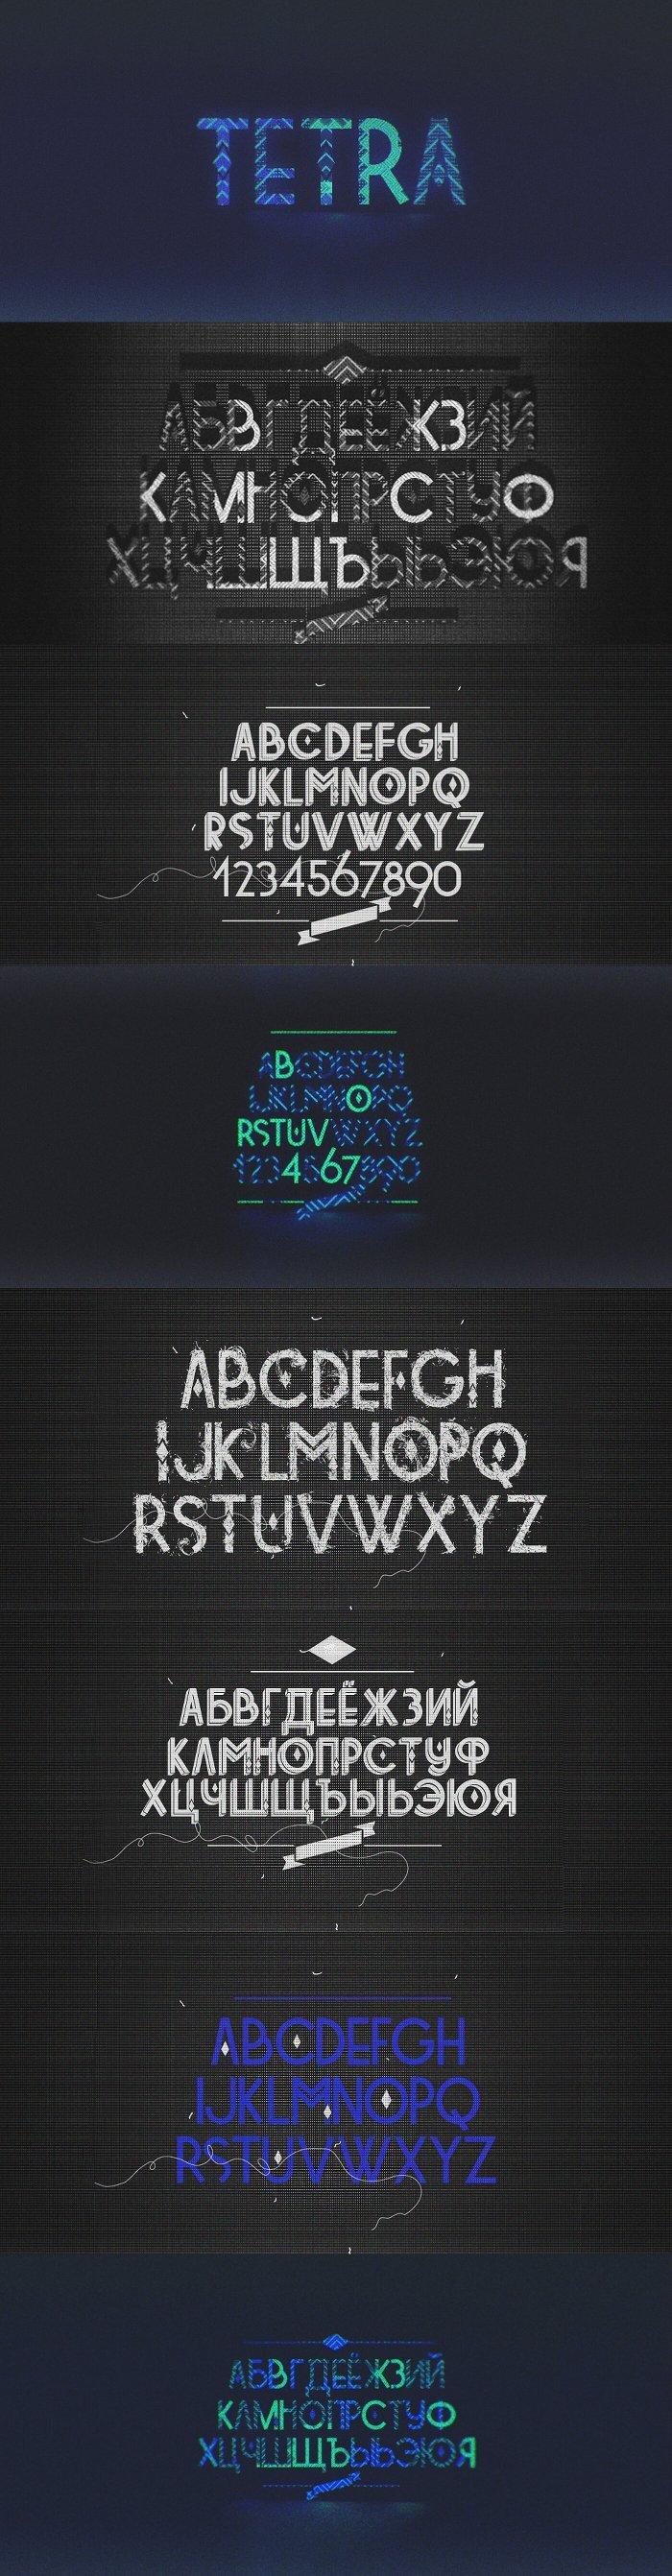 Шрифт Tetra скачать бесплатно